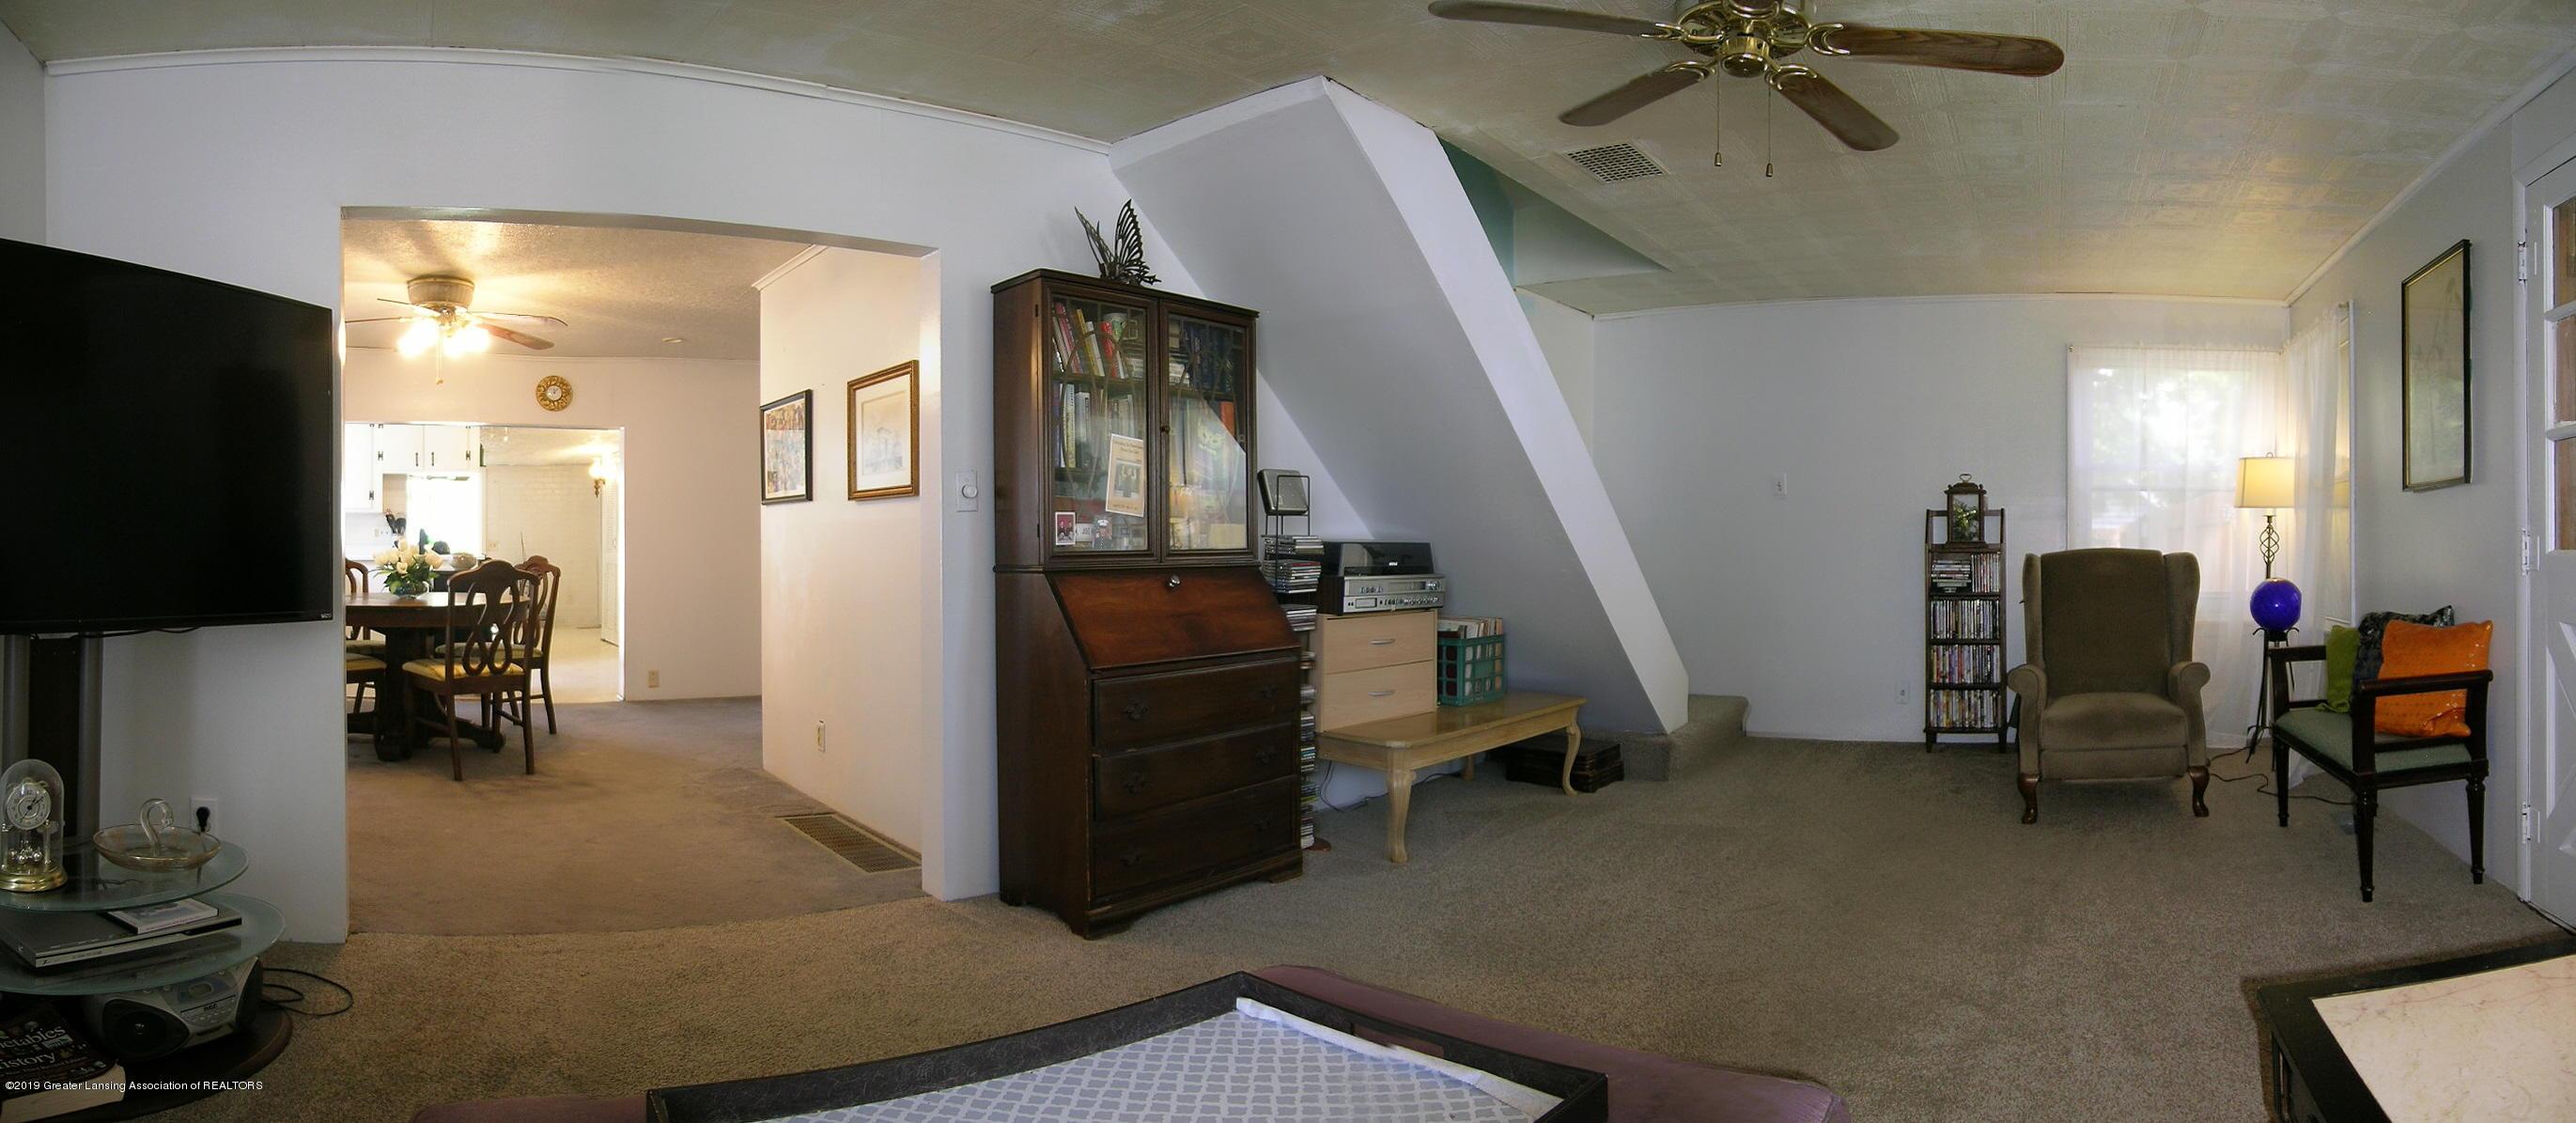 413 W Shepherd St - 2 Living Area - 2